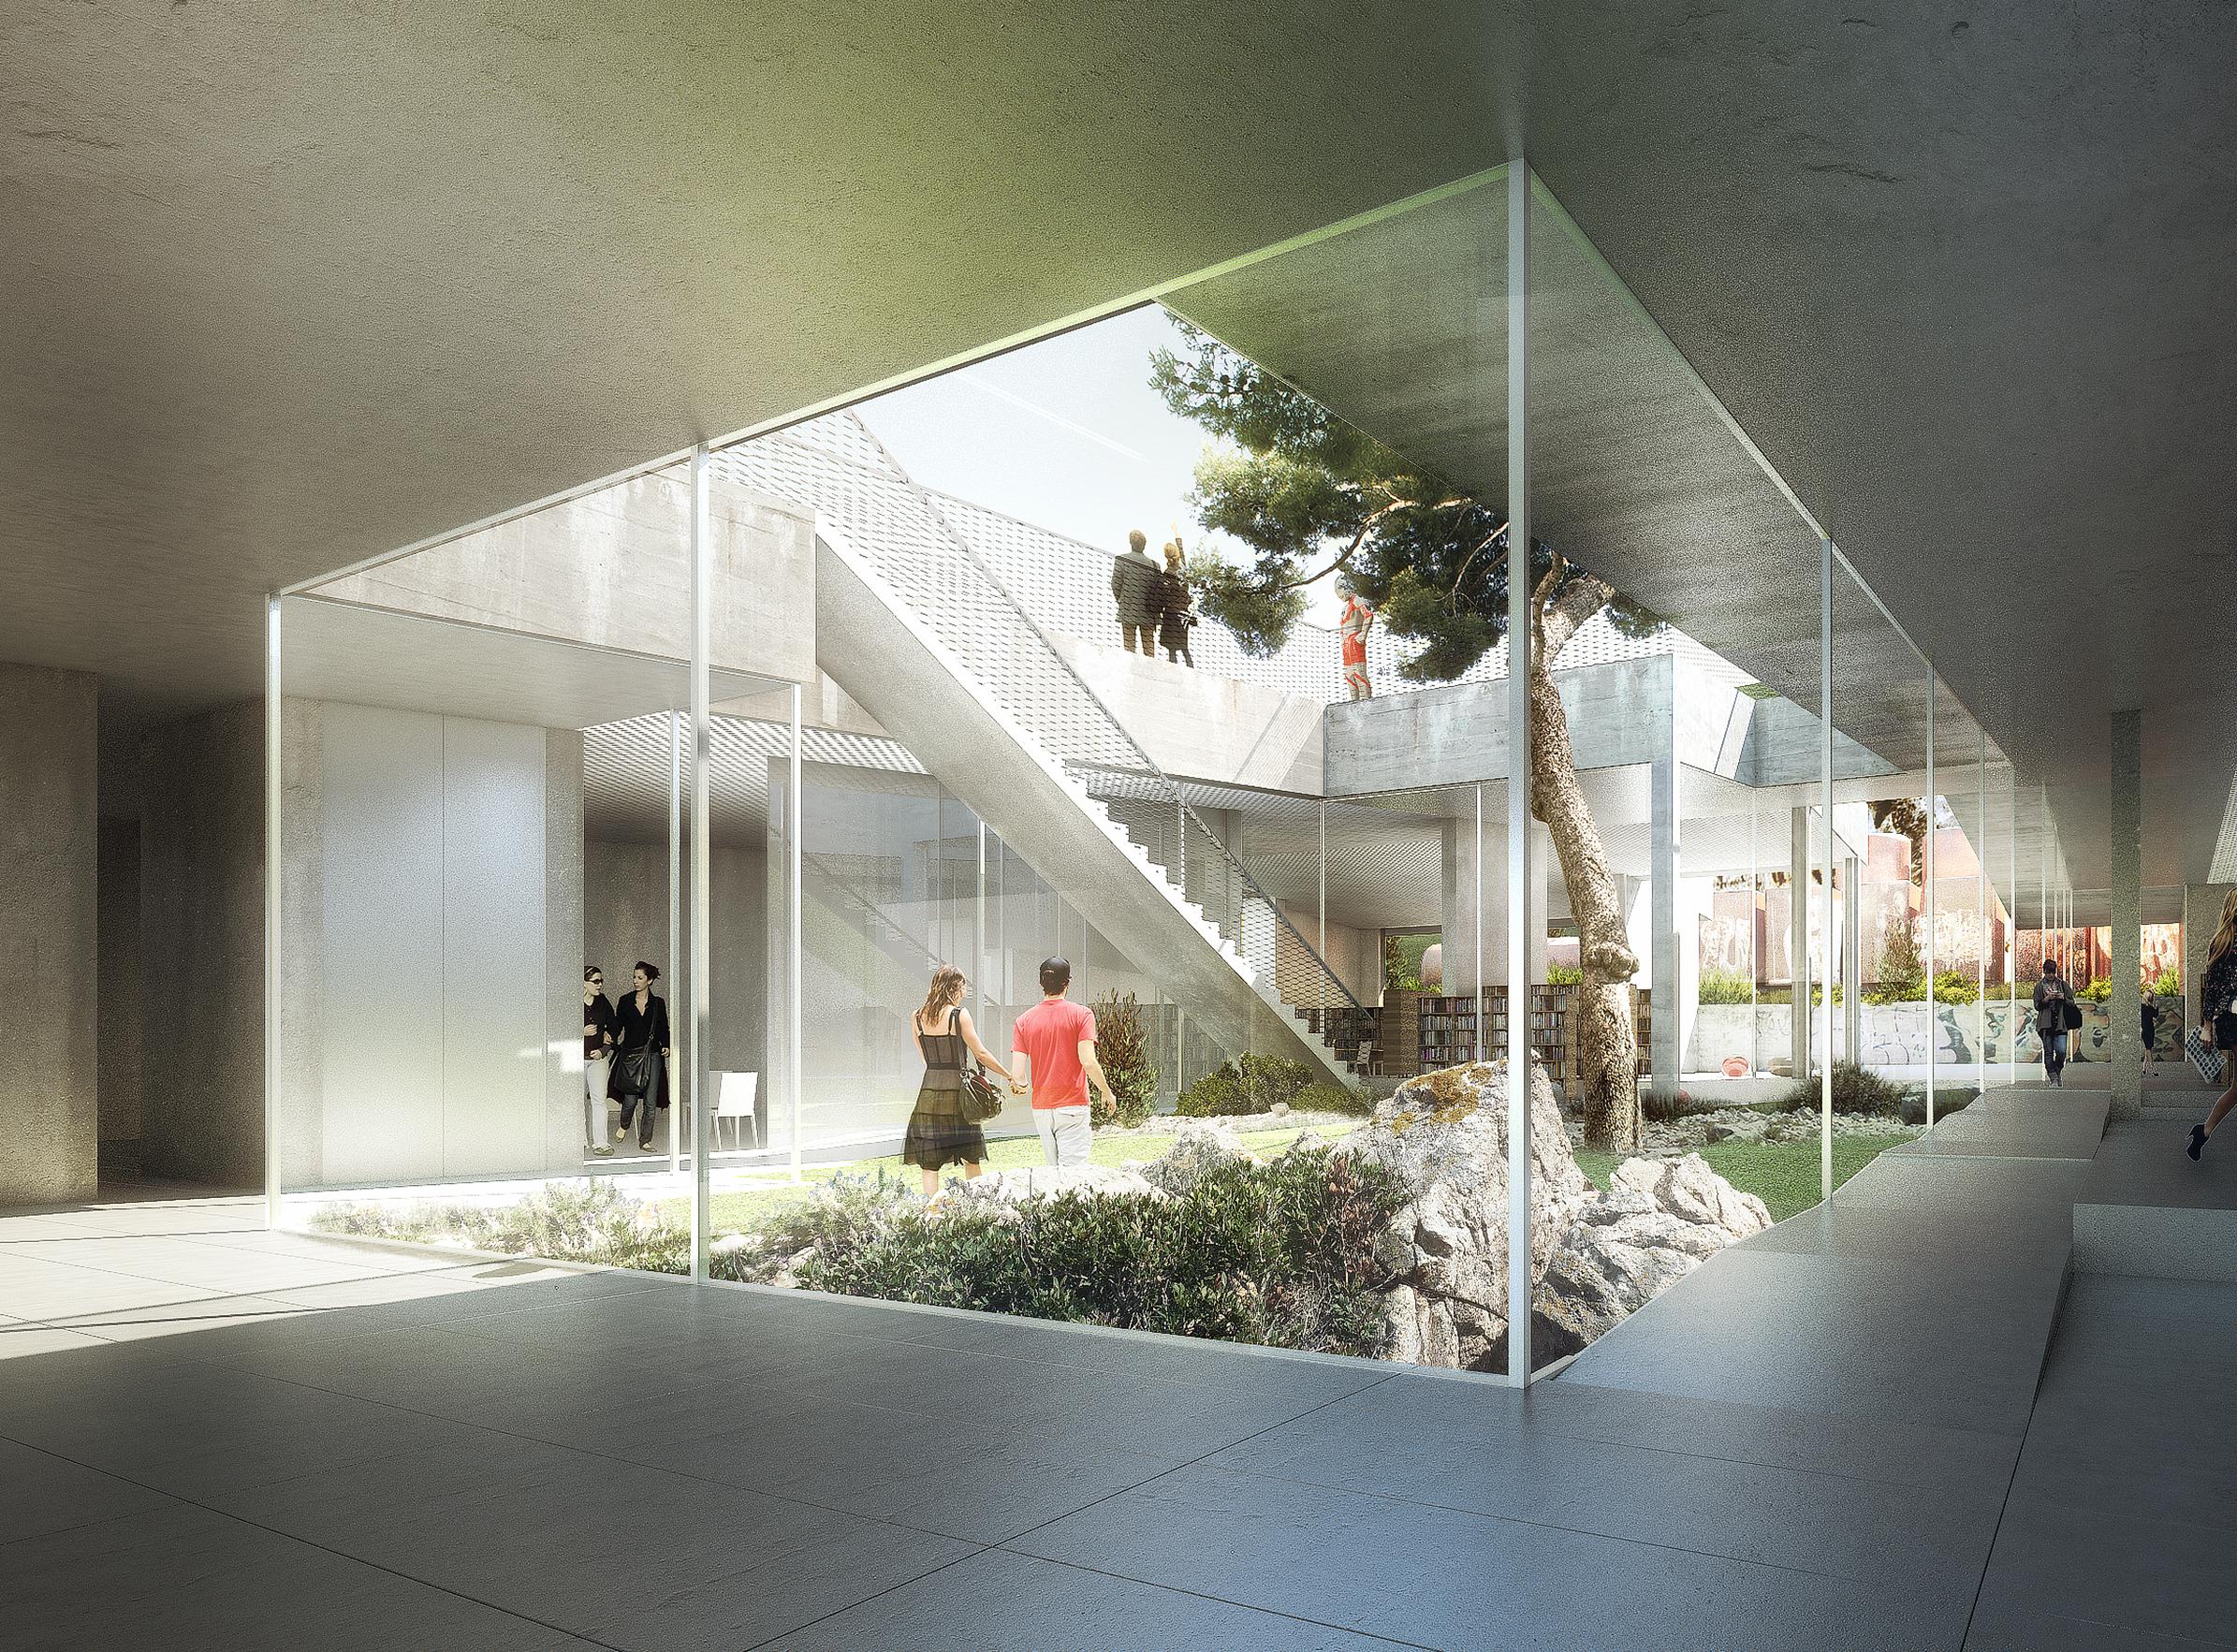 Médiathèque de septèmes - 02 - Équipements Bureau - Caractère Spécial - Matthieu Poitevin Architecture